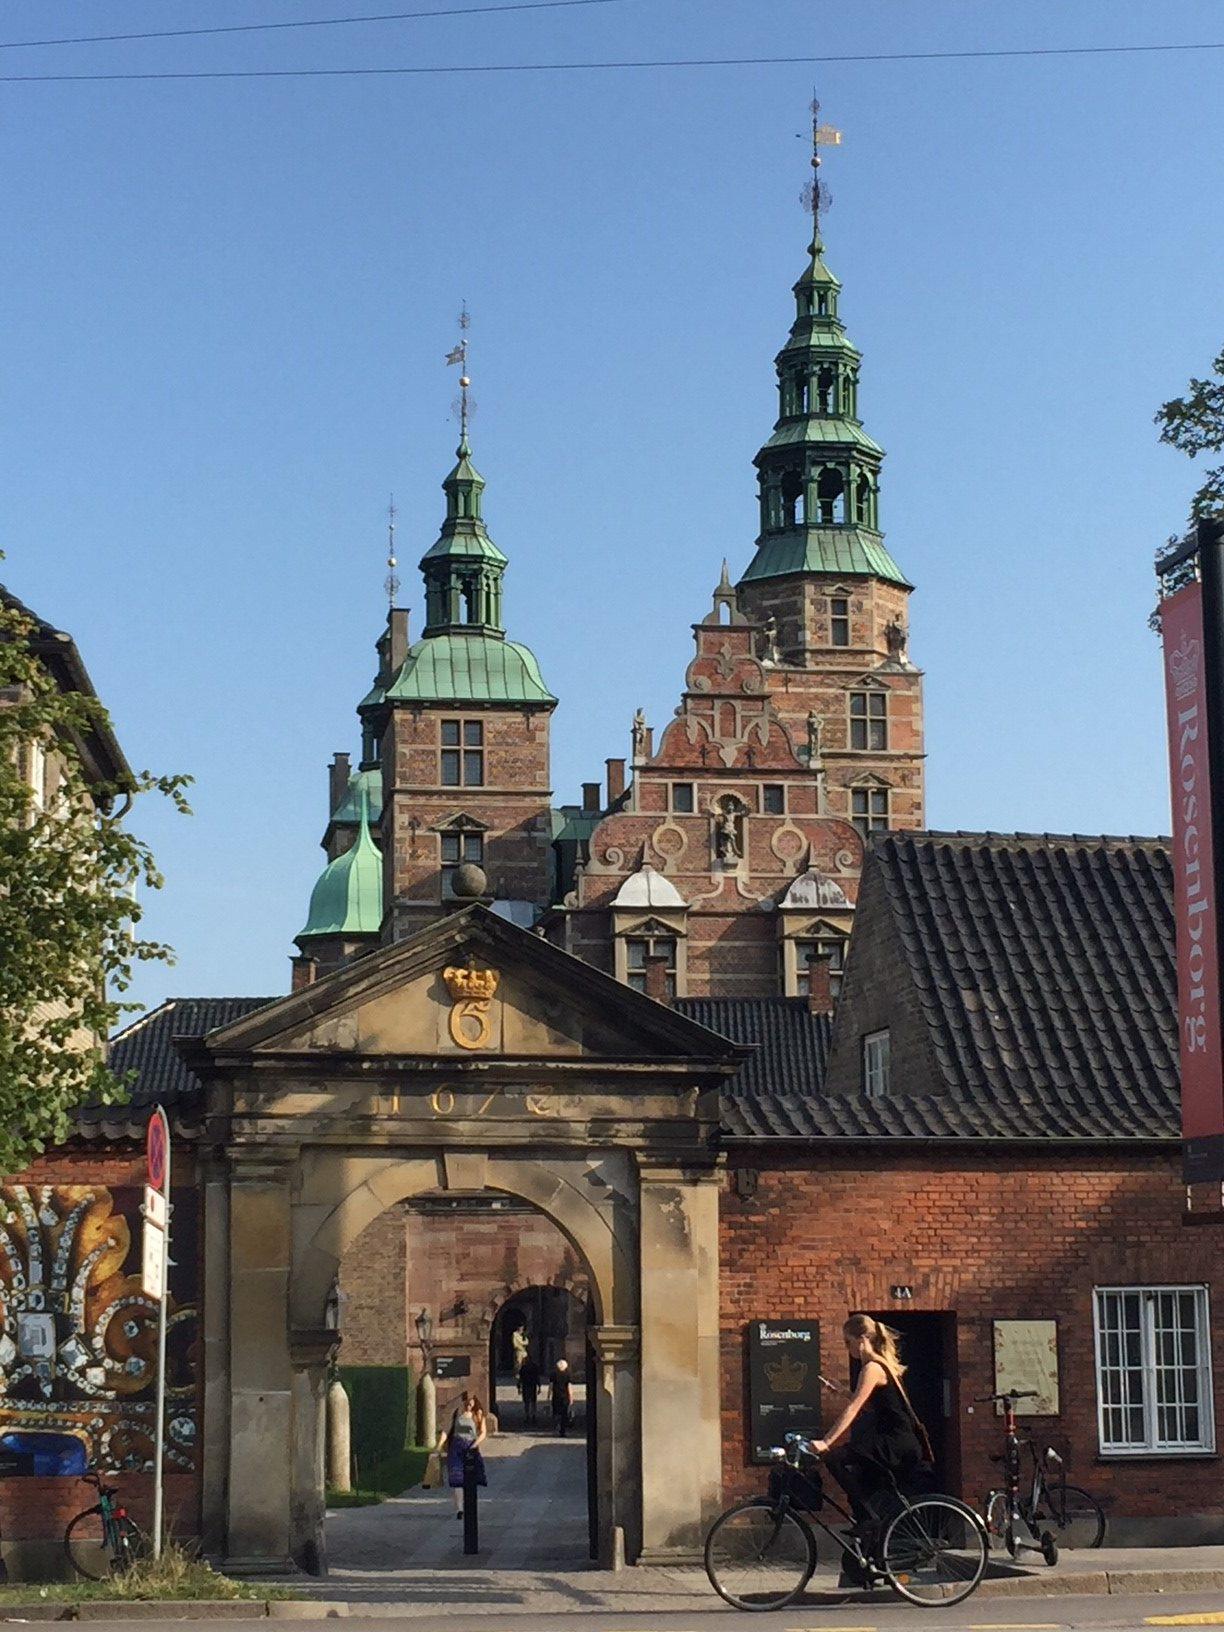 Rosenborgs slott.